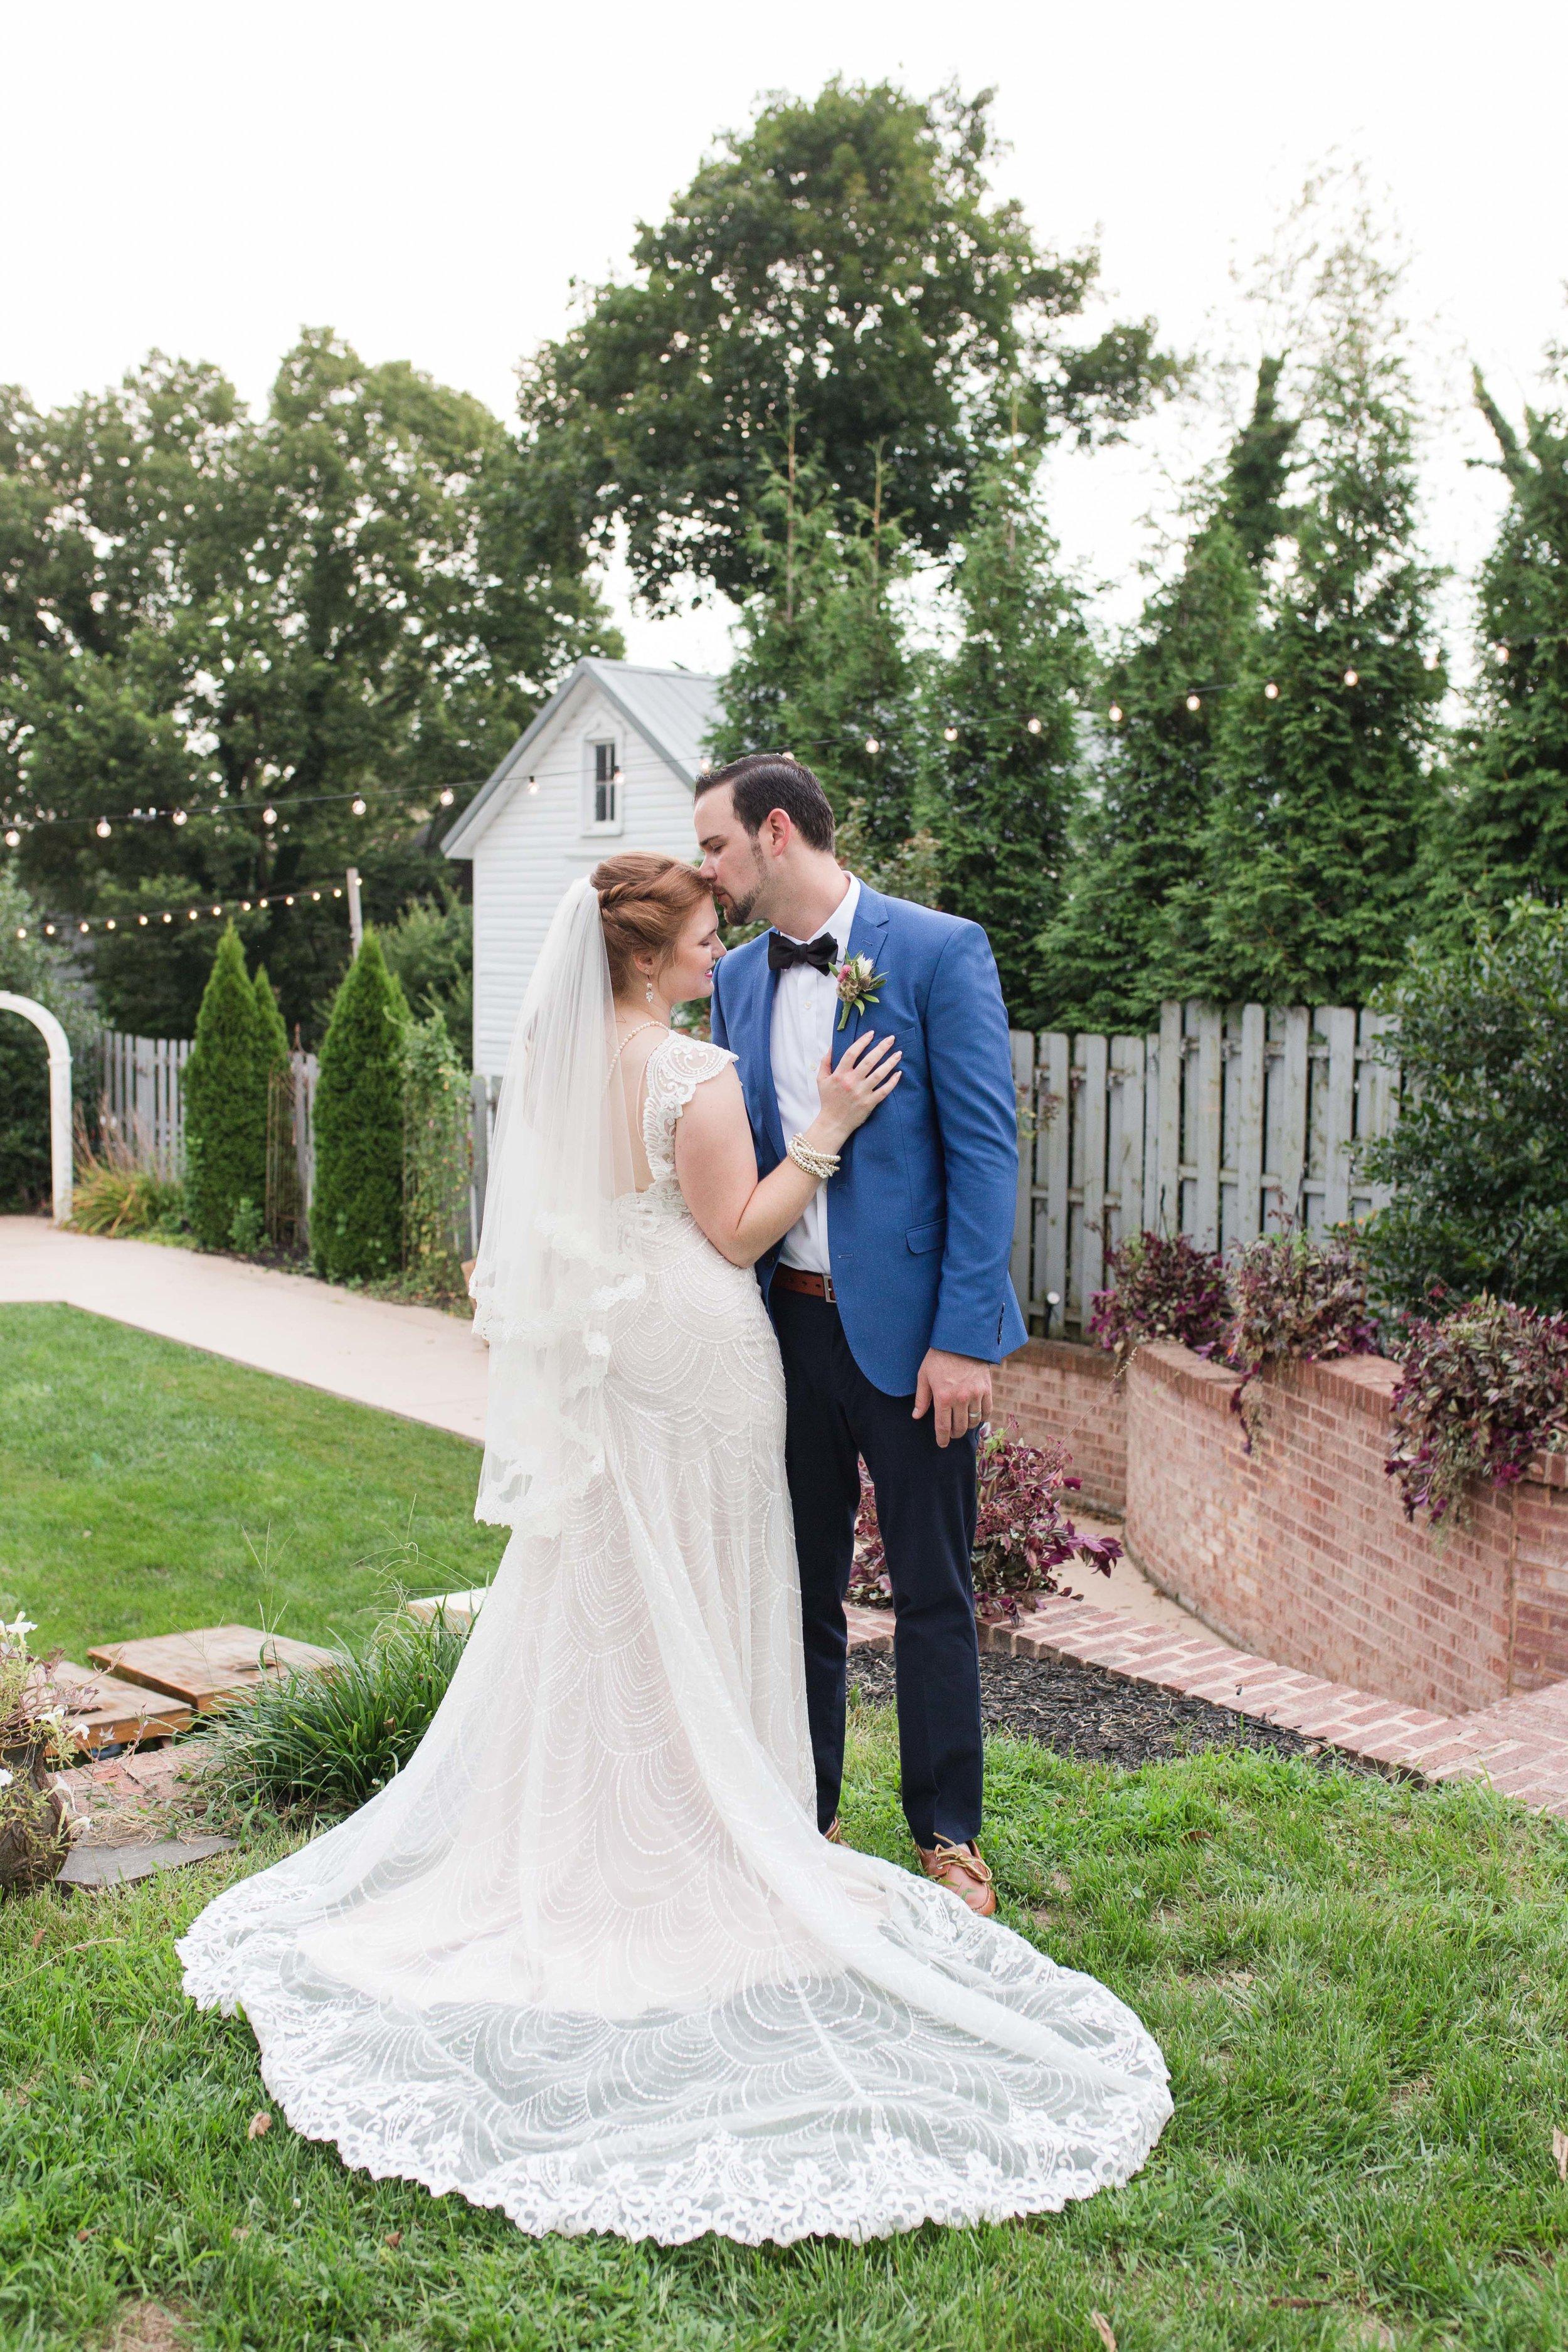 mcfarland_house_martinsburg_wedding-13.jpg